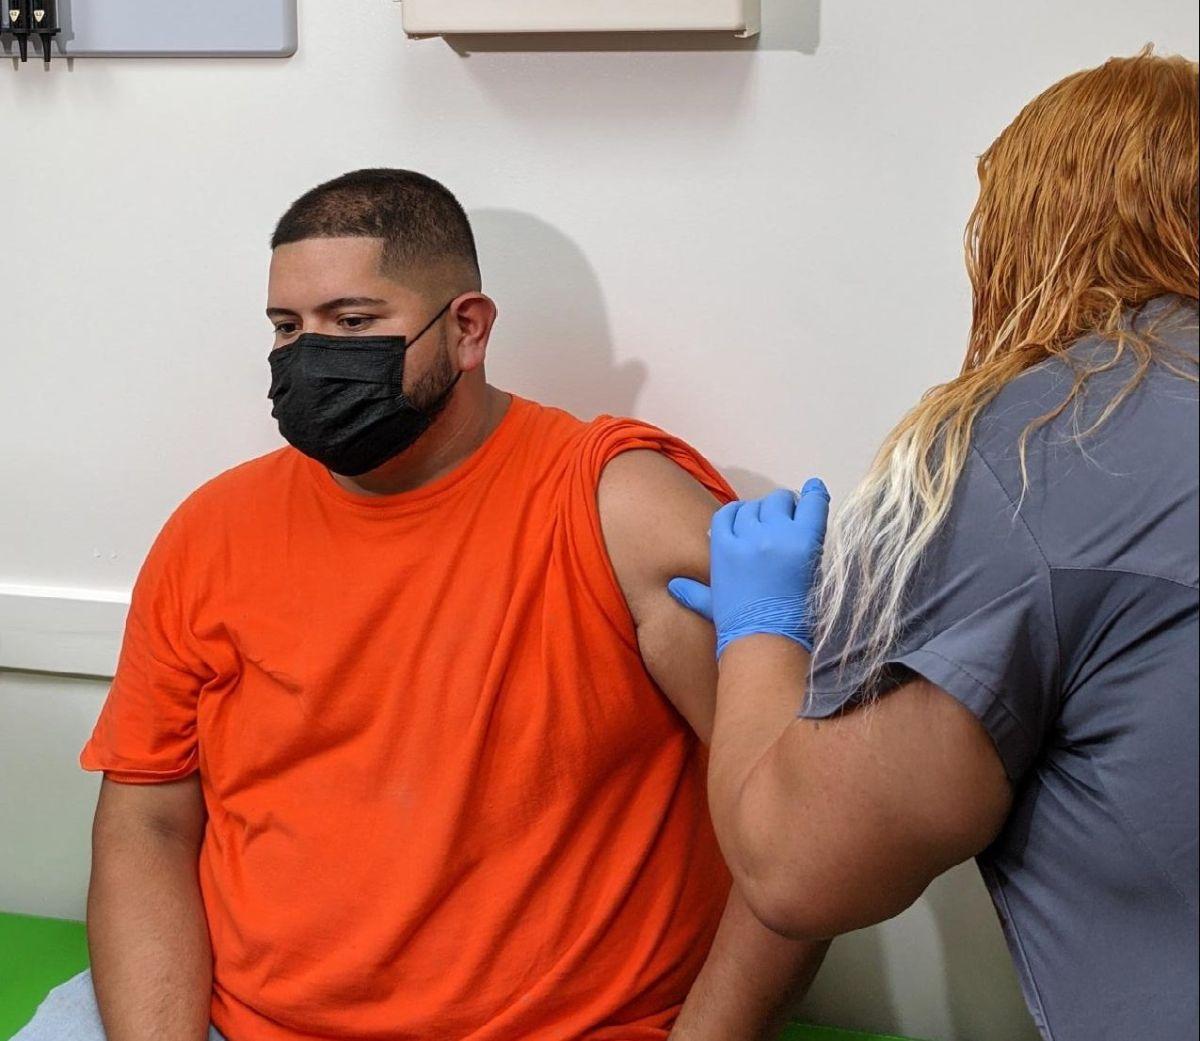 En Esperanza Health Centers además de administrar la dosis de refuerzo de la vacuna de Pfizer también continúan inoculando contra el covid-19 a la gente no vacunada. (Cortesía Esperanza Health Centers)